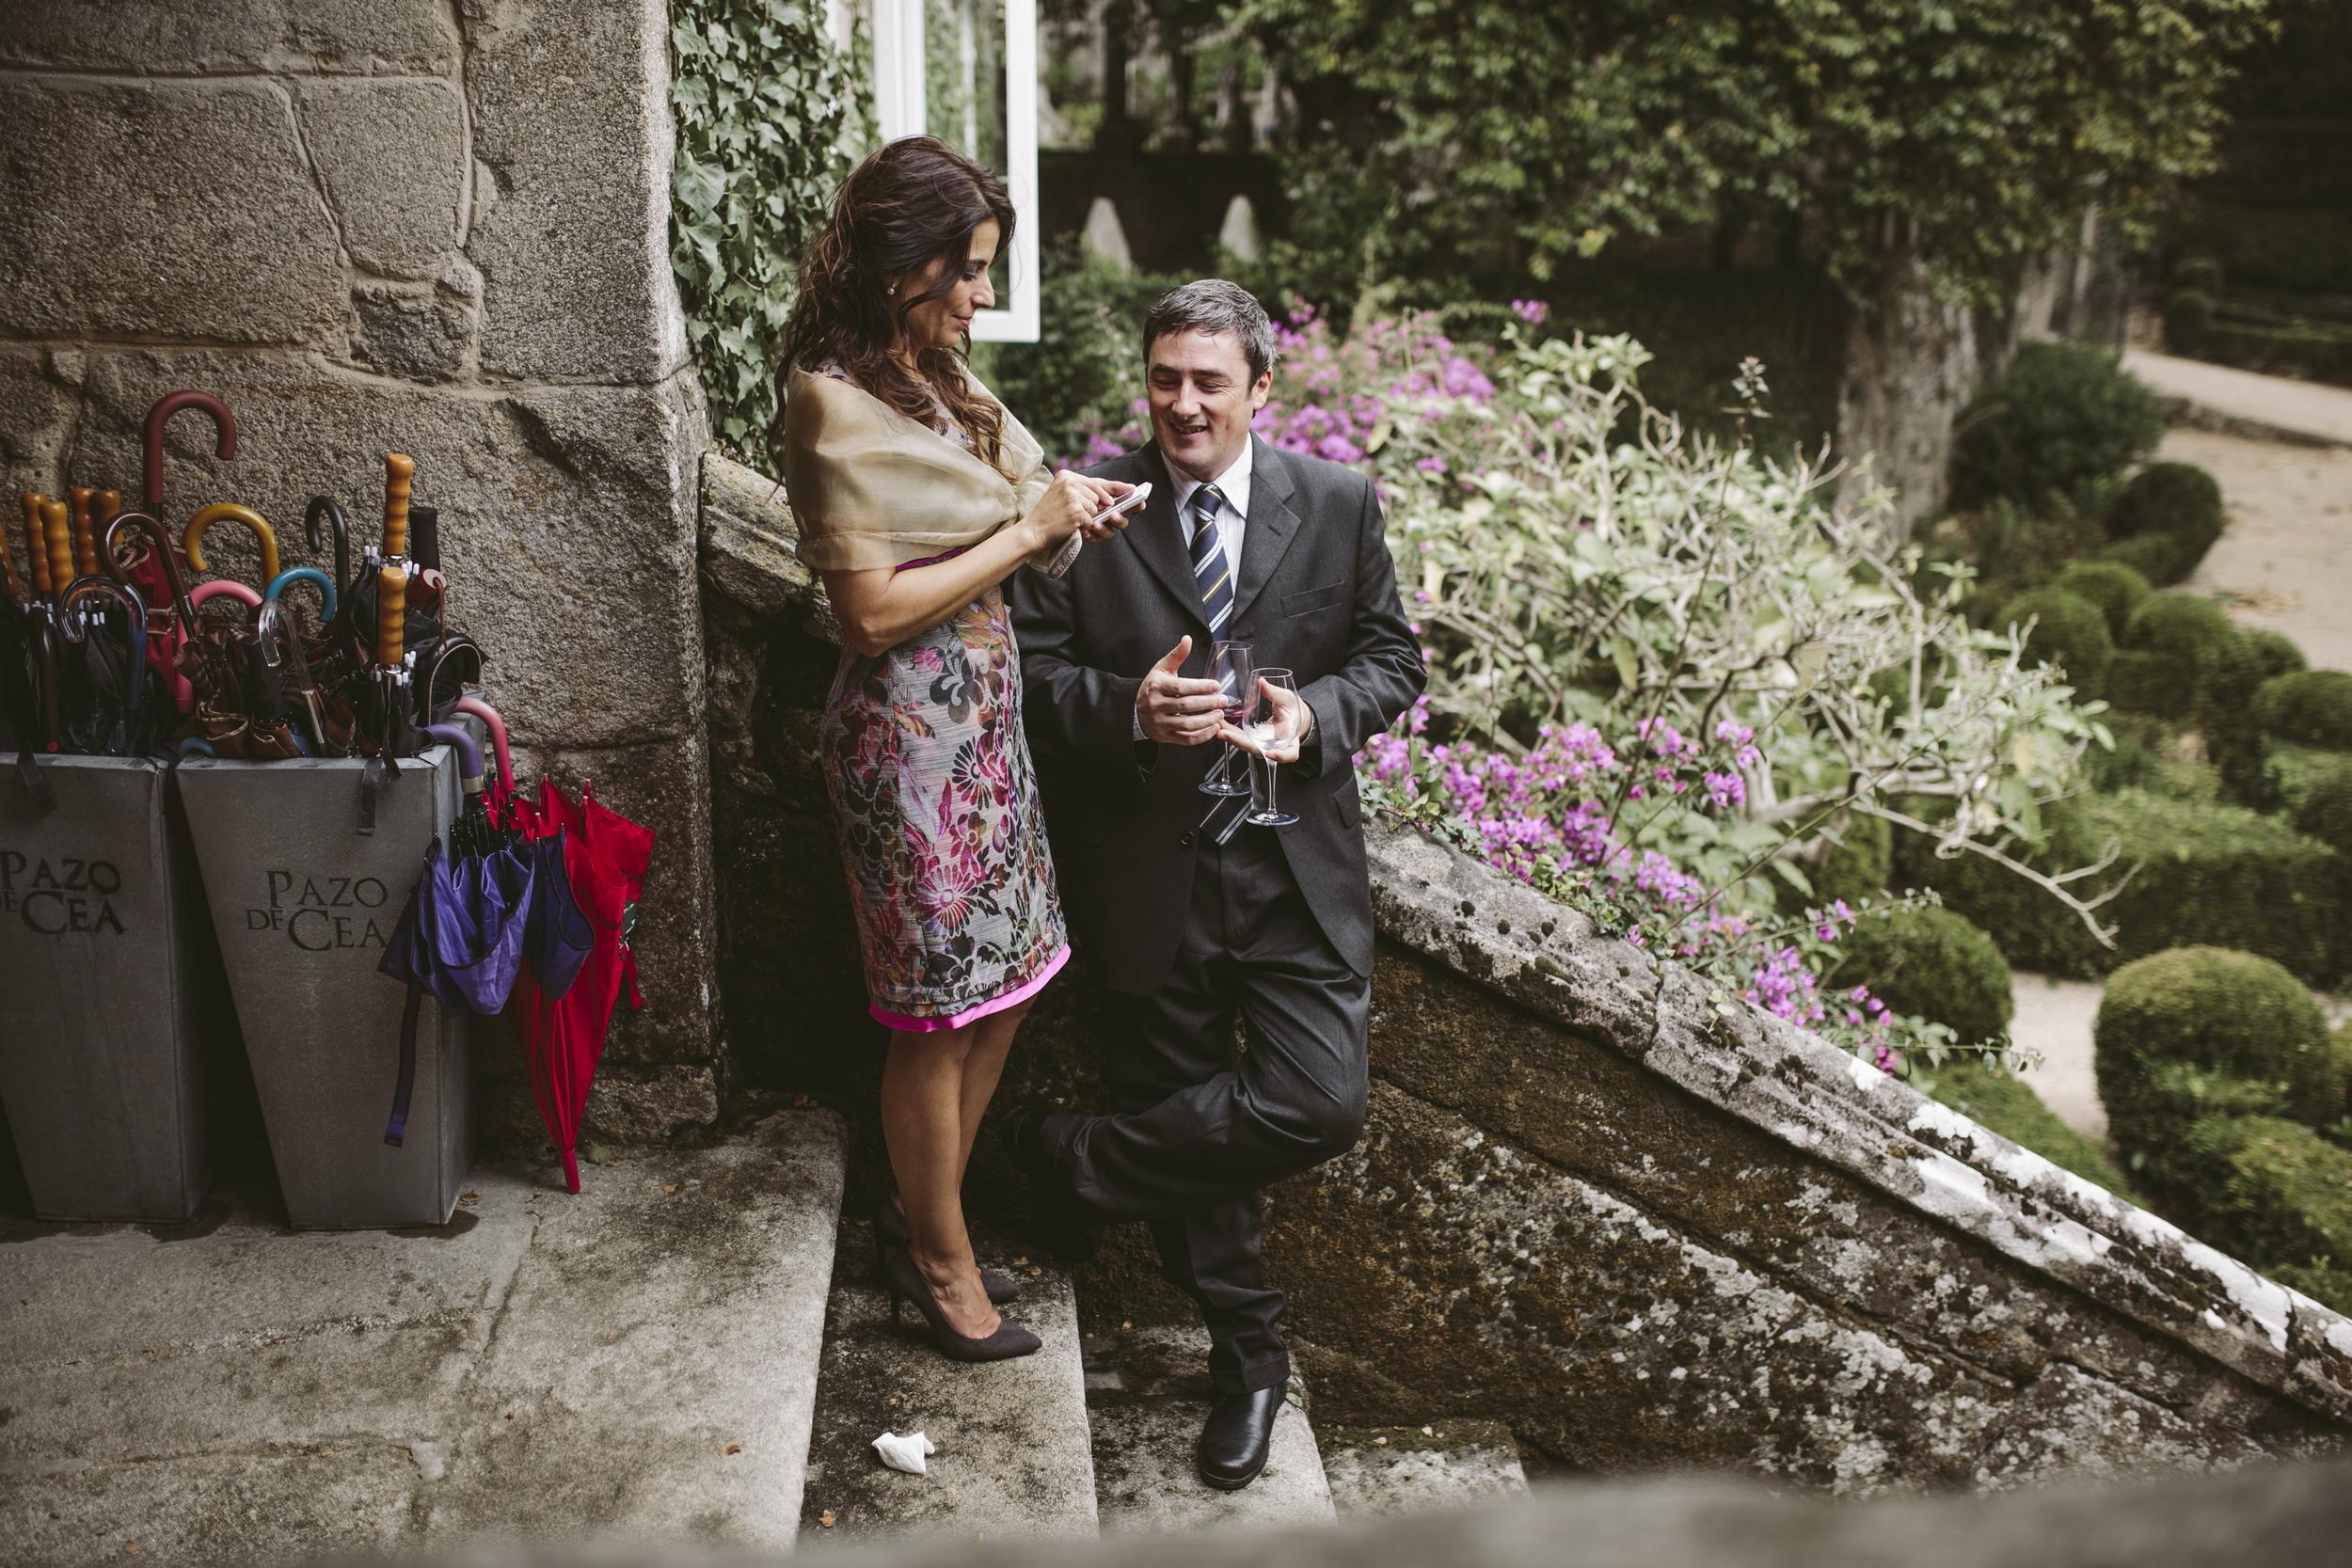 Fotografo bodas Pazo de Cea Graciela Vilagudin Photography-5081.jpg